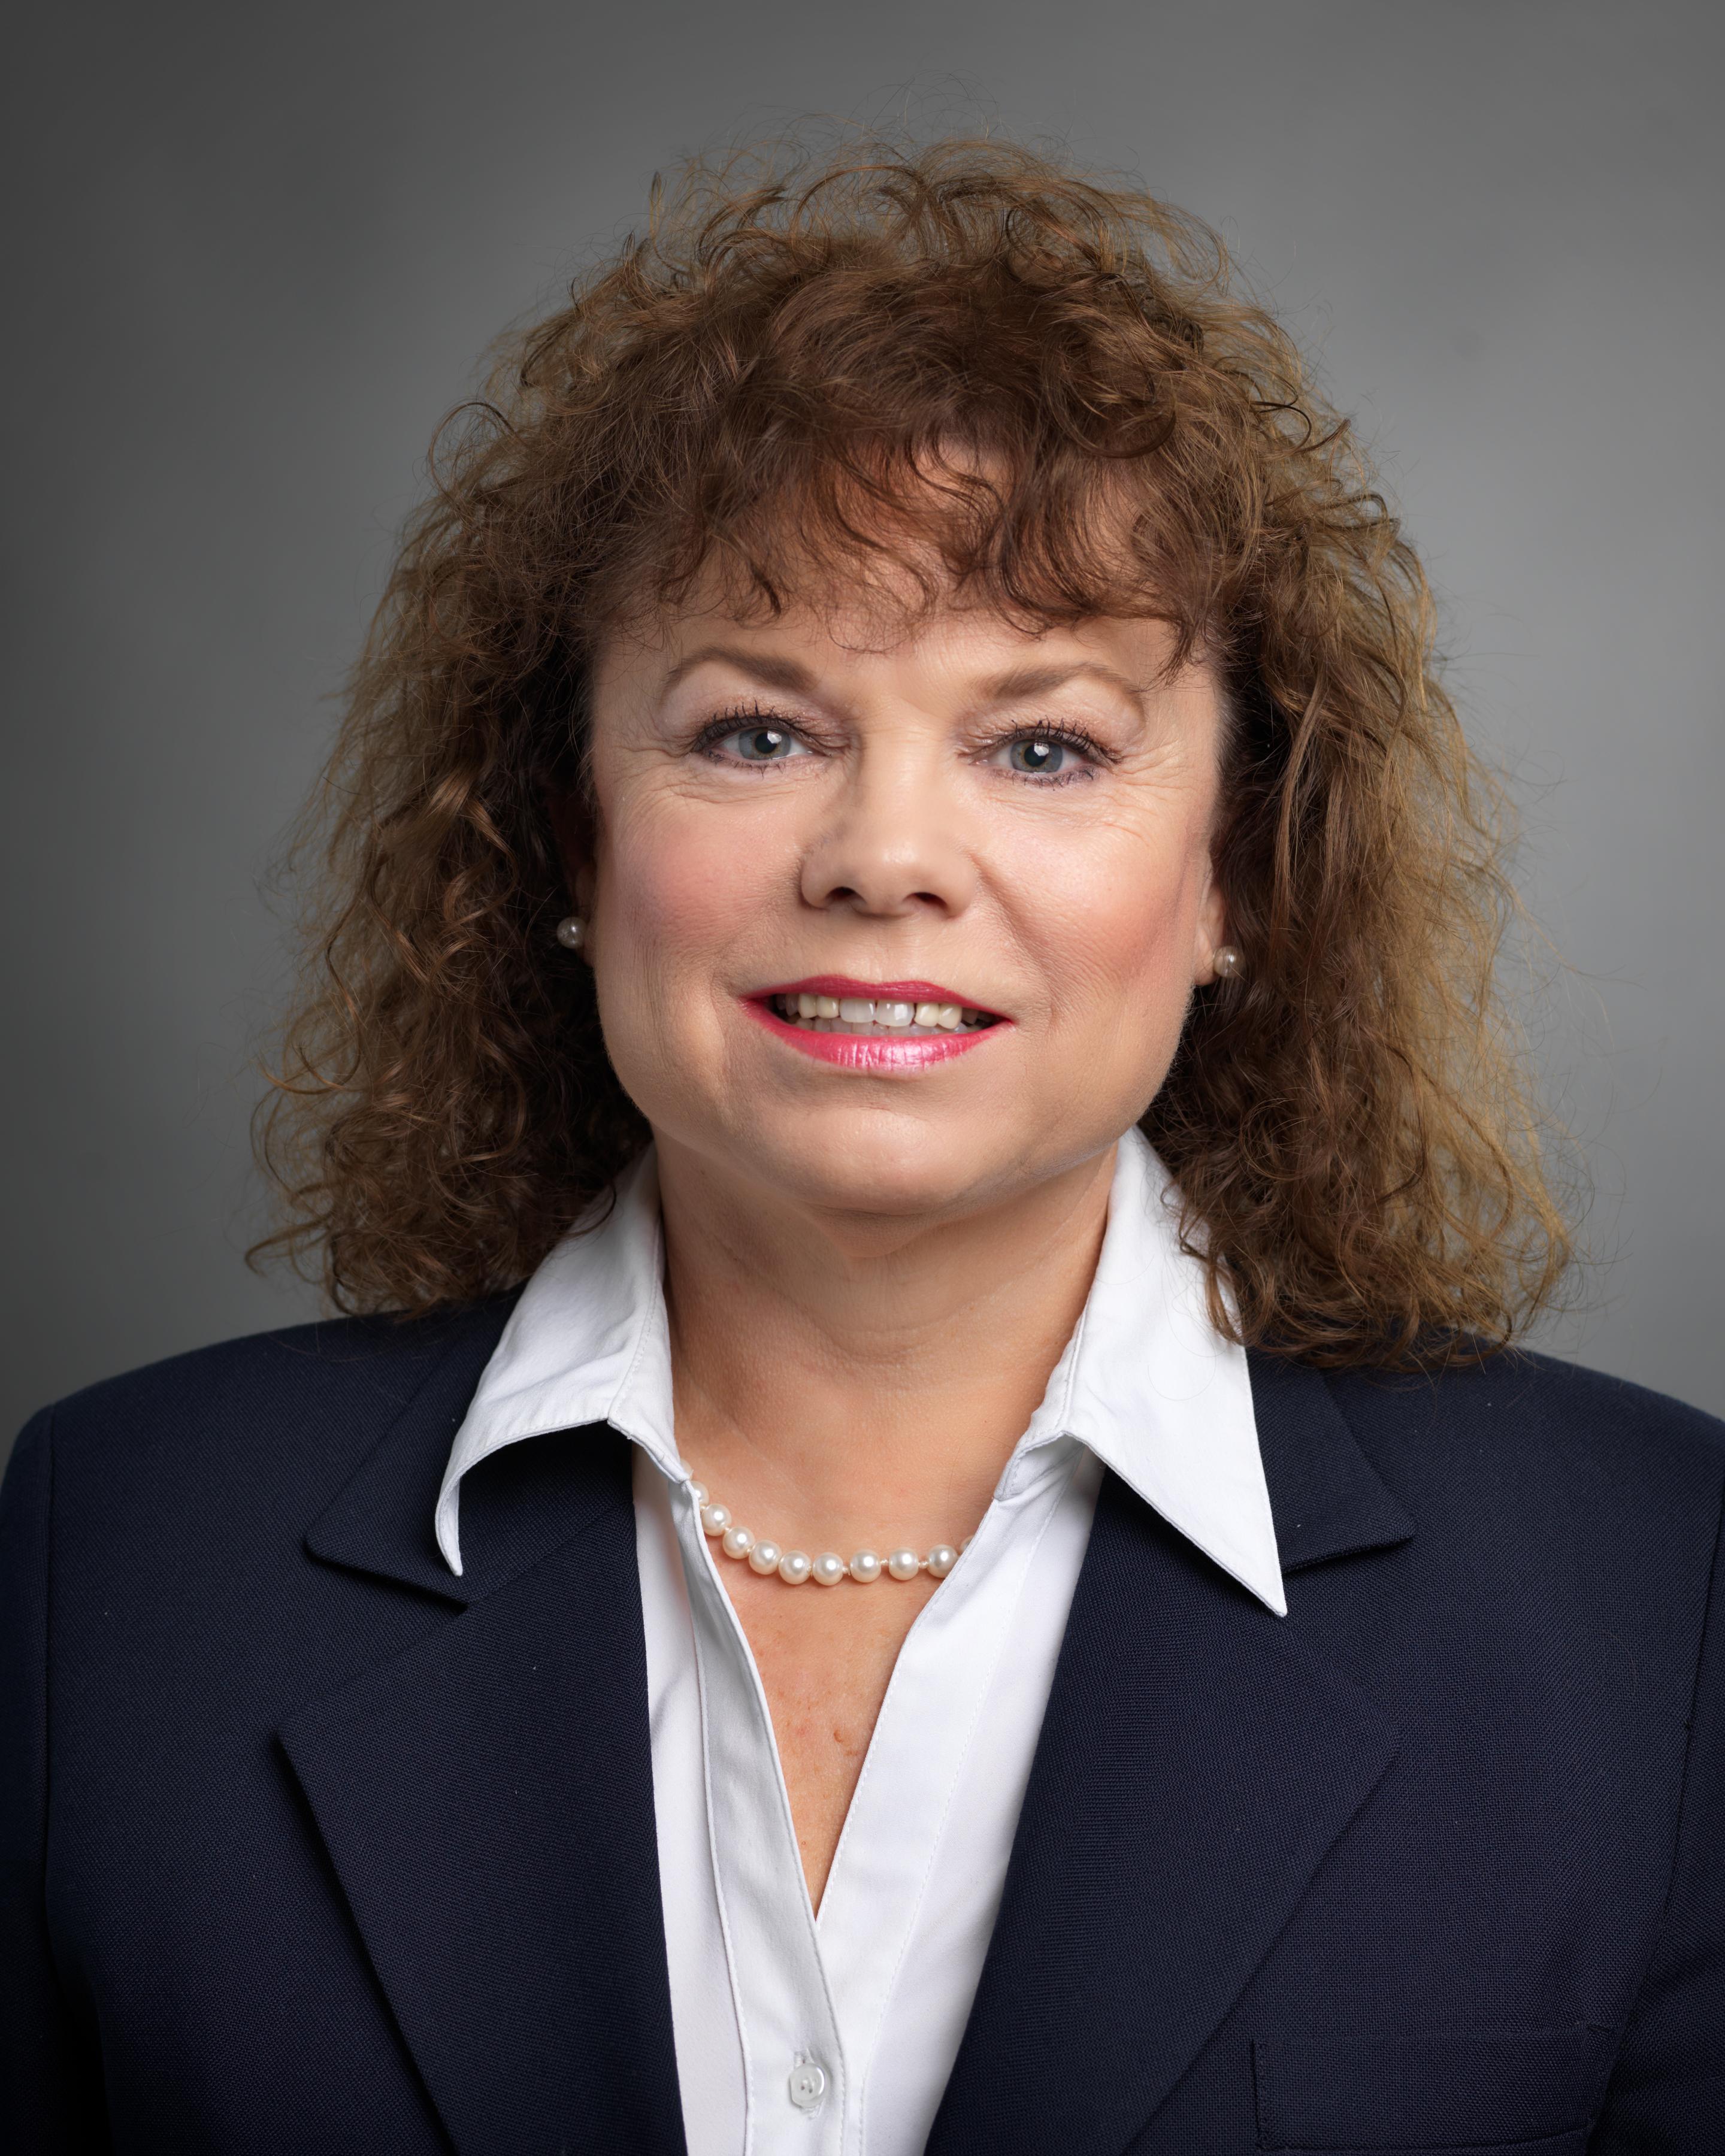 Denise Haney